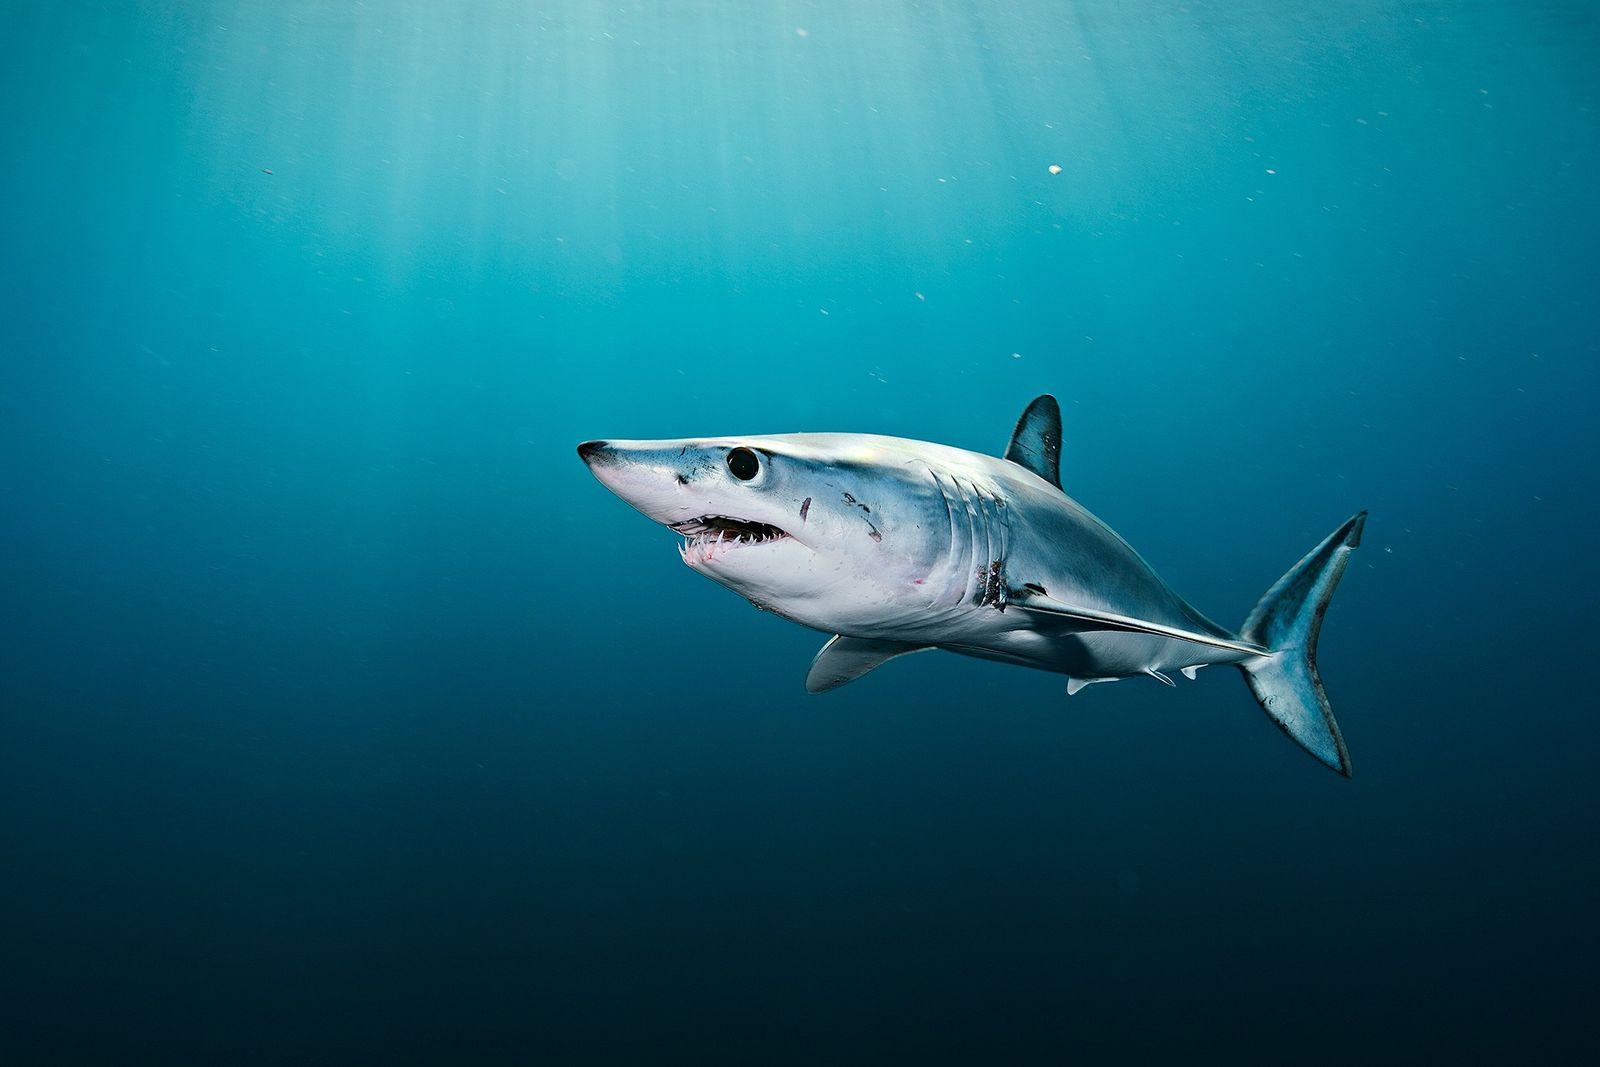 Barbatana de tubarão é banida em estados americanos — mas iguaria ainda está nos cardápios